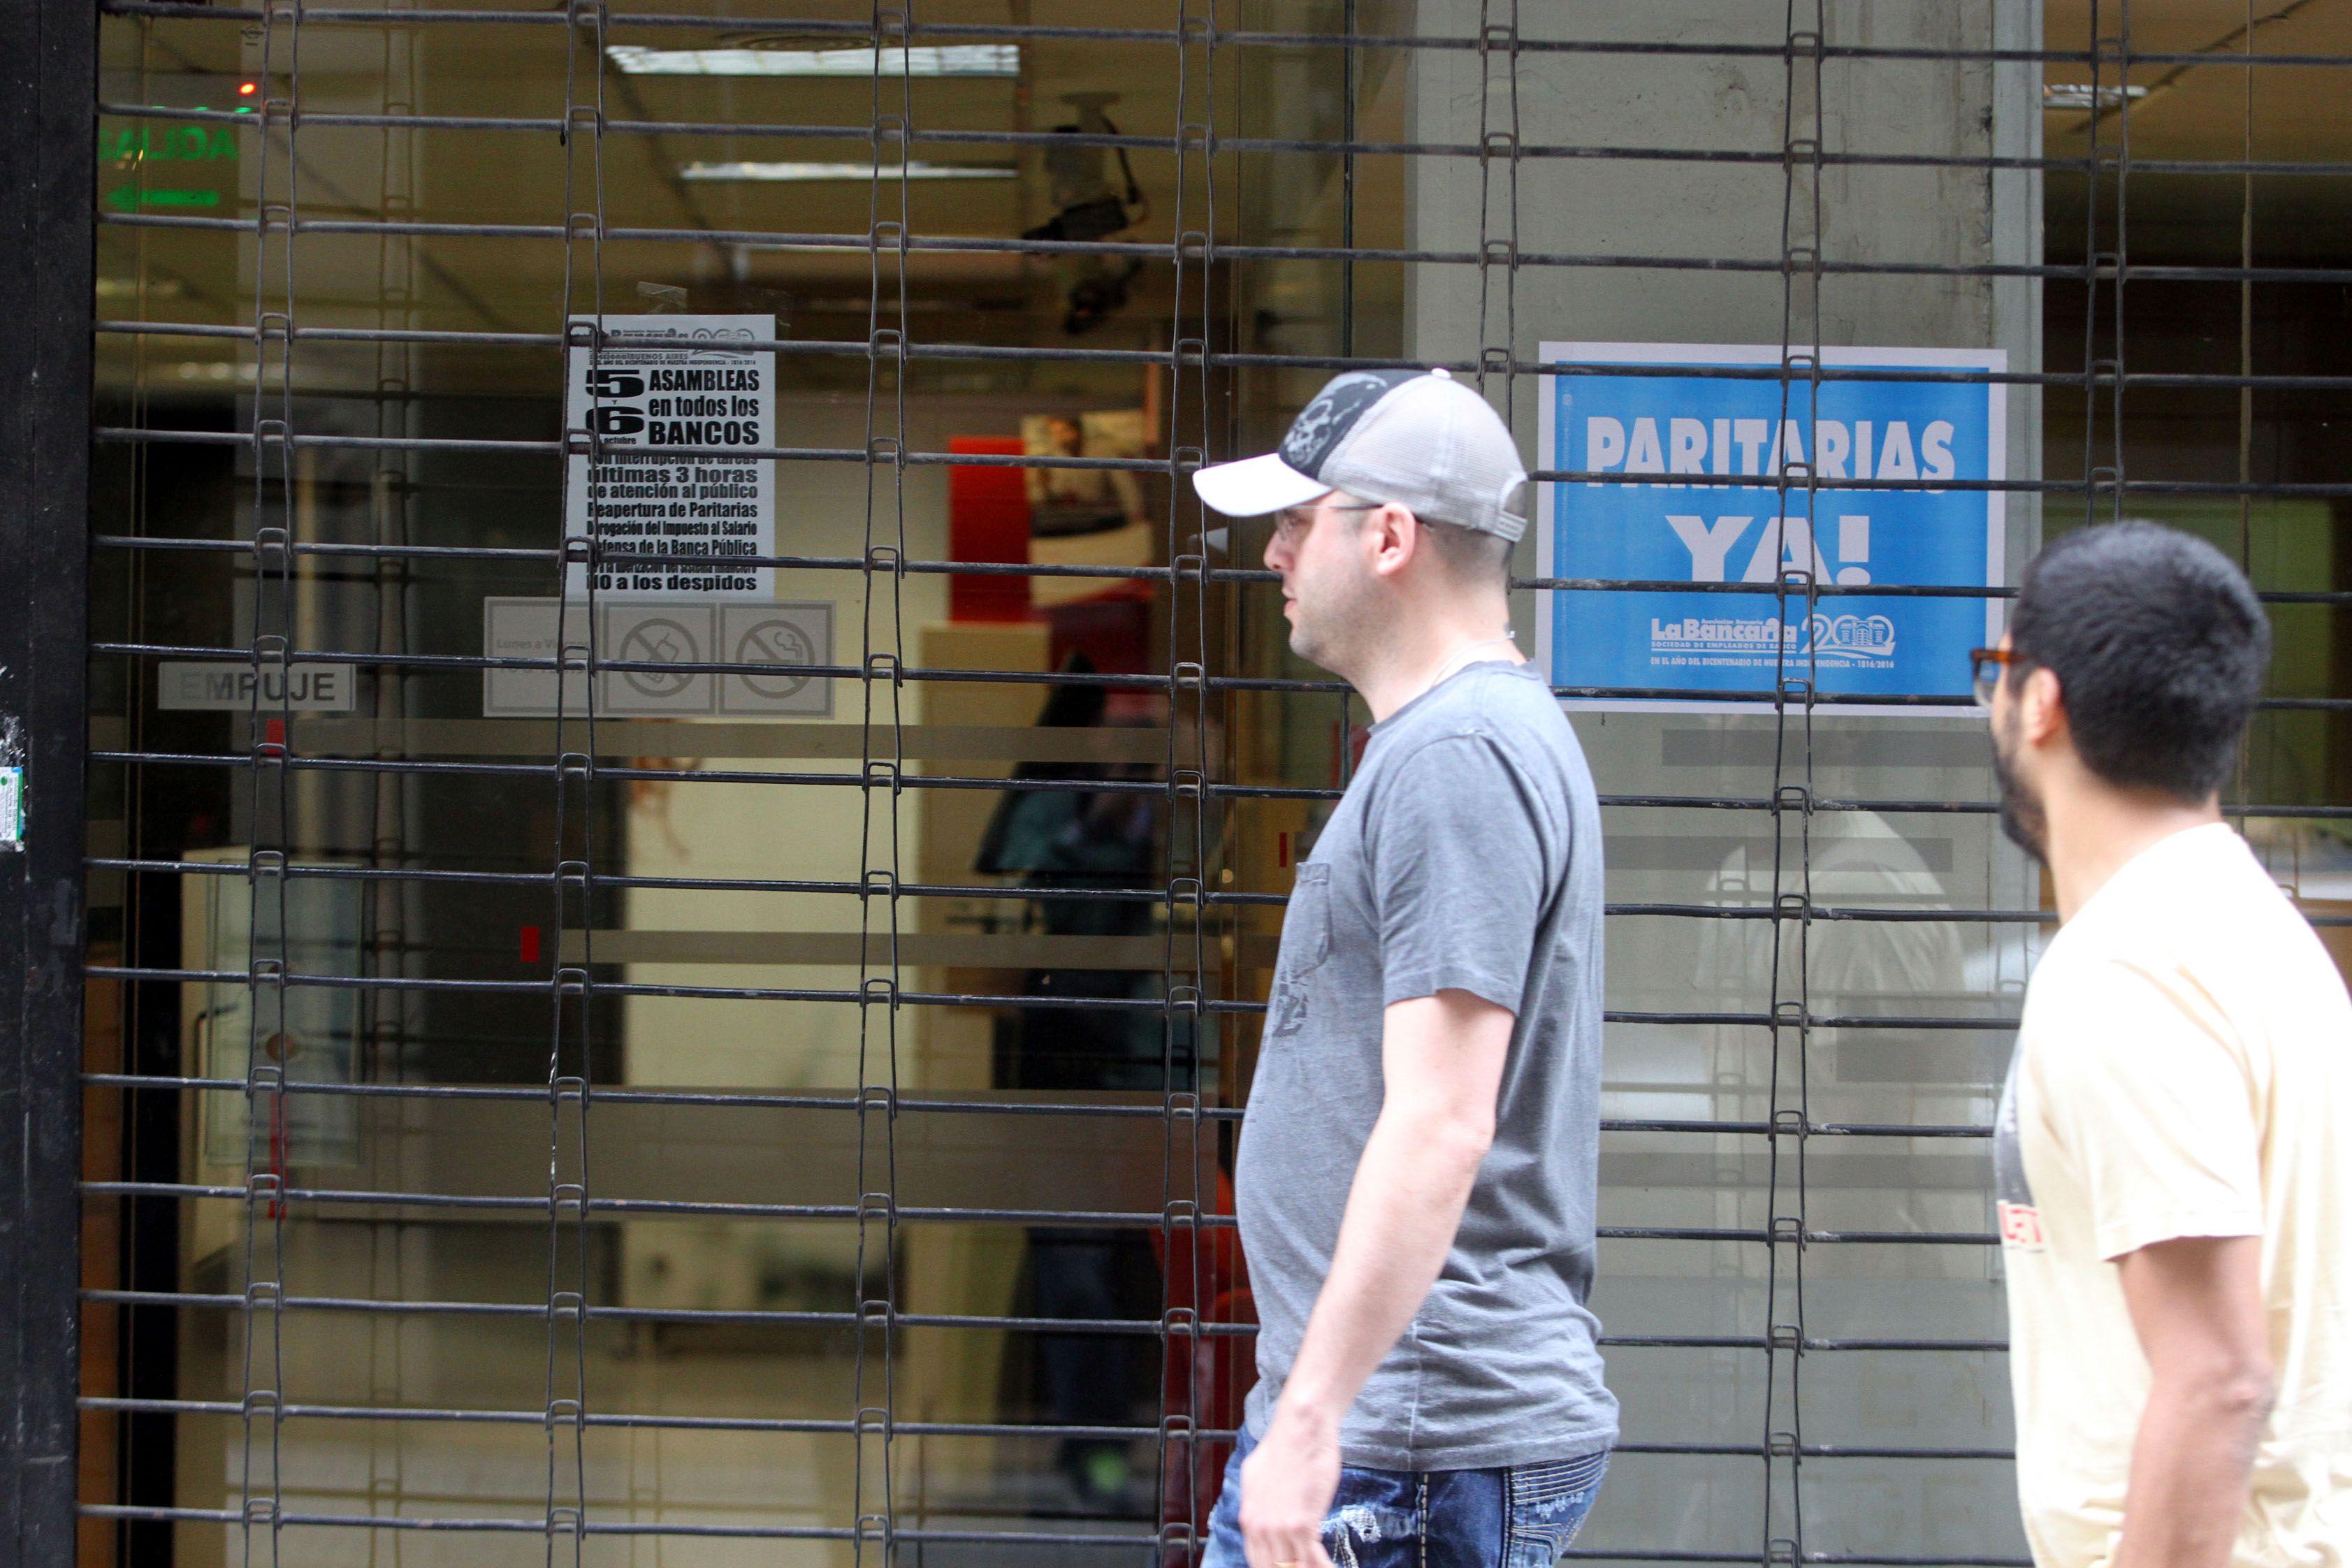 El paro bancario del viernes se extenderá al lunes y martes